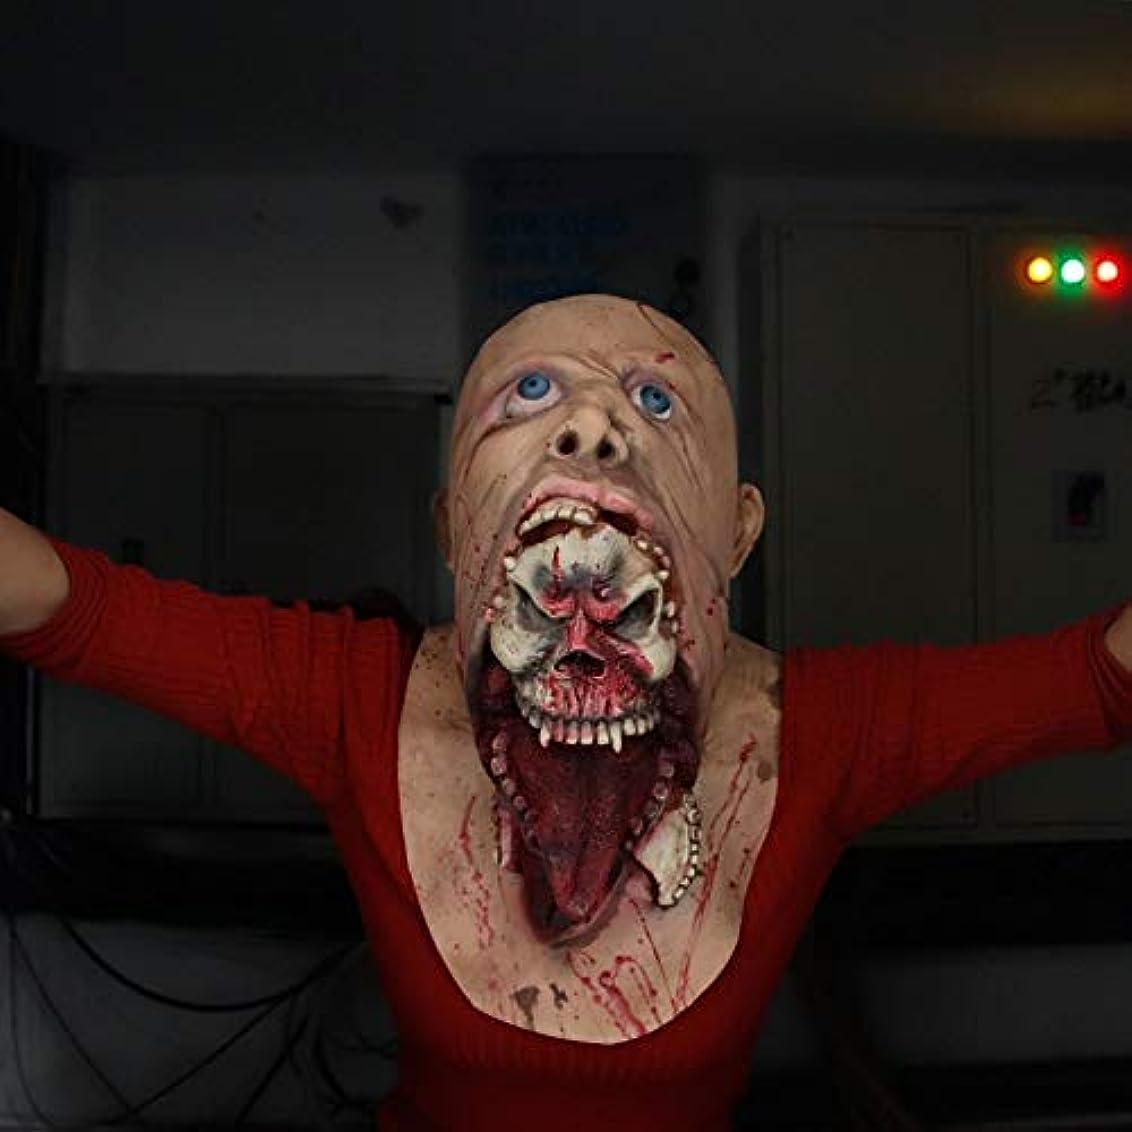 甘味メンタリティケントラテックスゾンビハロウィーンマスク、怖い寄生虫マスク、怖い残酷なラテックスマスク